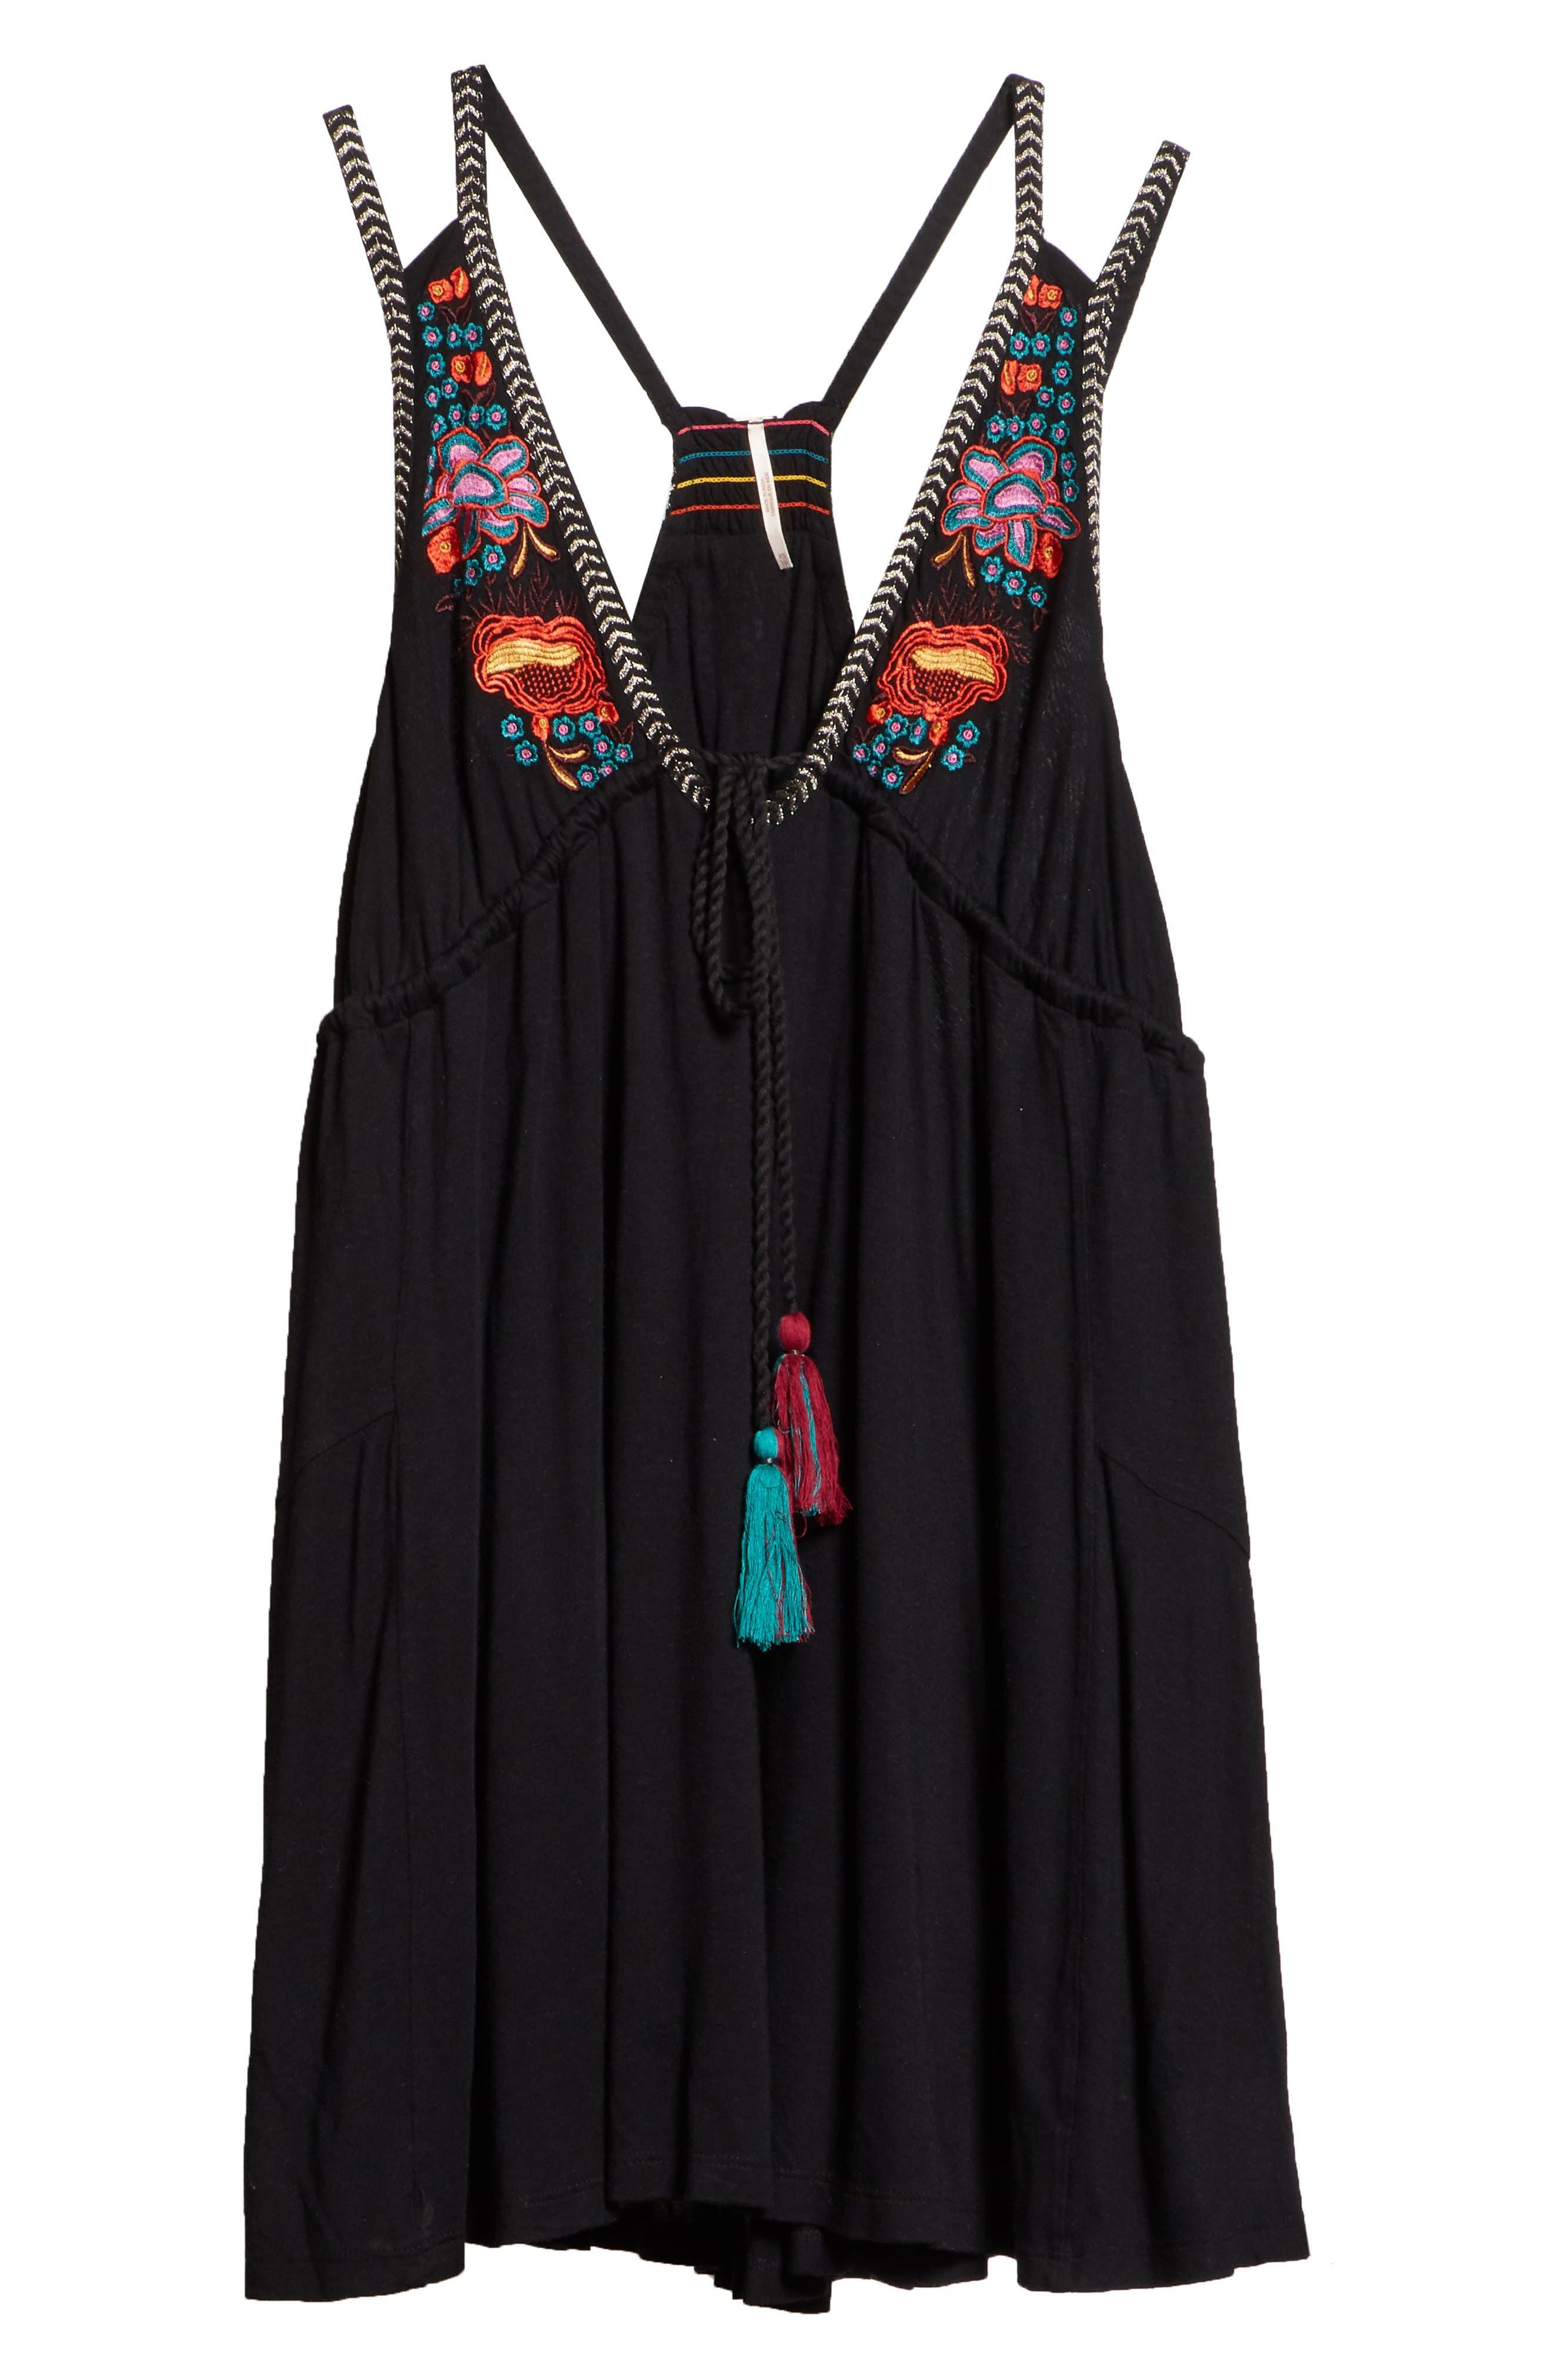 Lovers Cove Minidress,                             Alternate thumbnail 7, color,                             Black